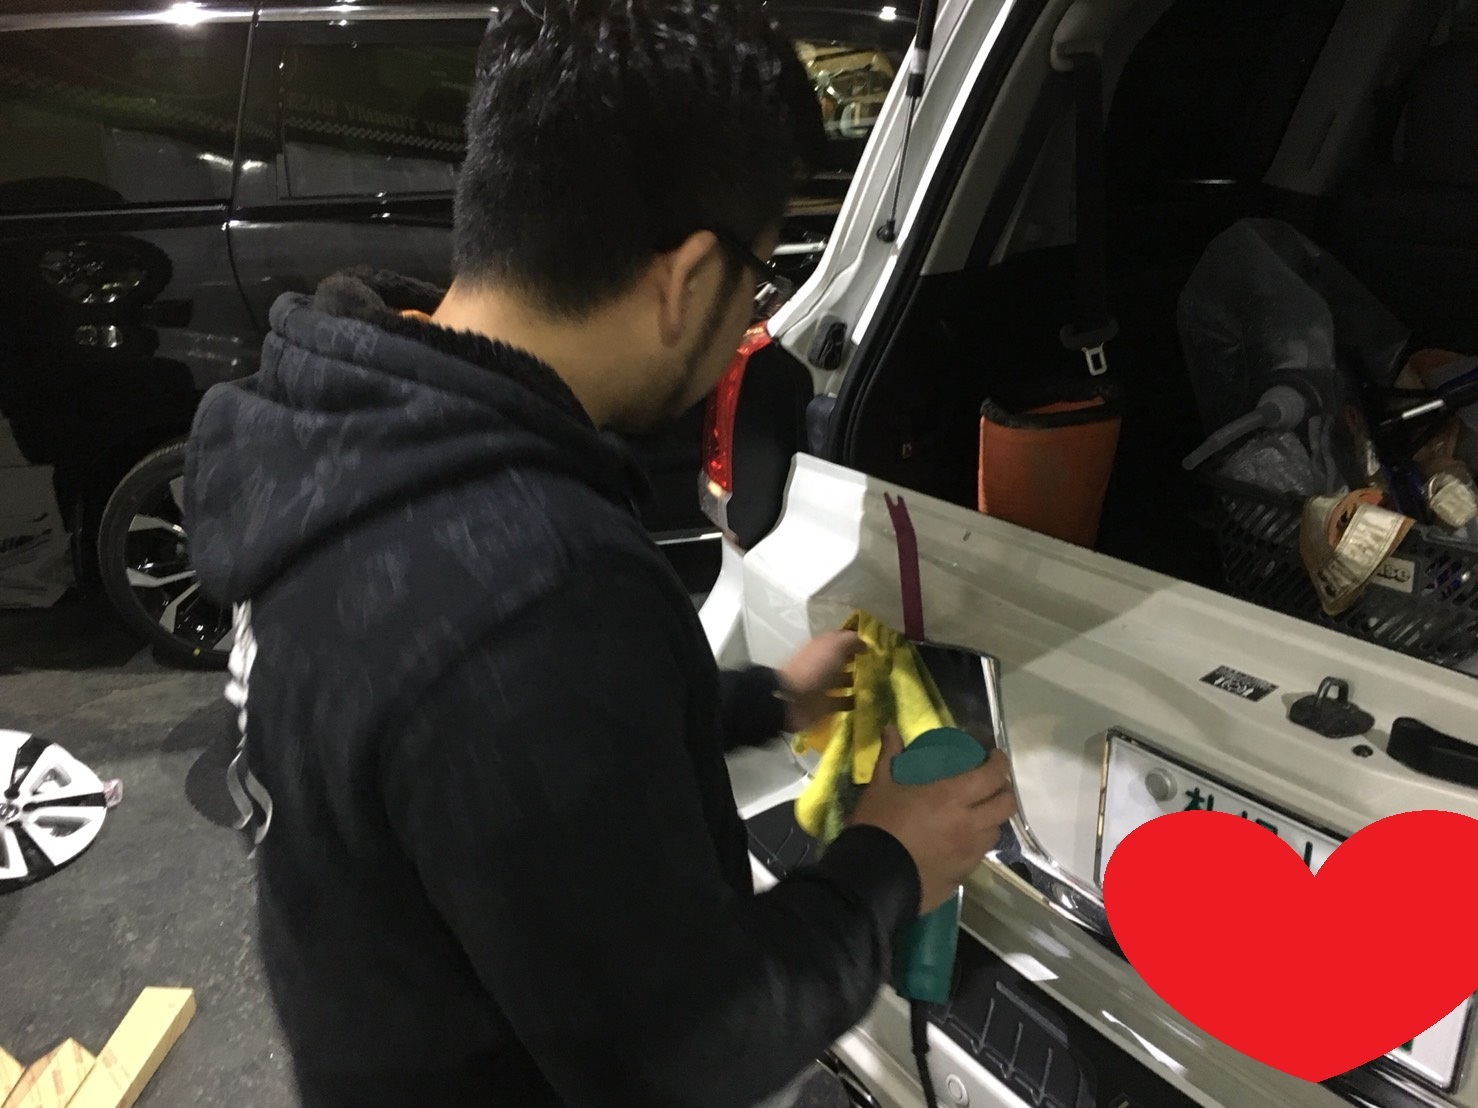 3月30日(金)トミーベース カスタムブログ☆S社様、新車のヴェルファイア到着☆カマロカスタム中☆_b0127002_11574327.jpg